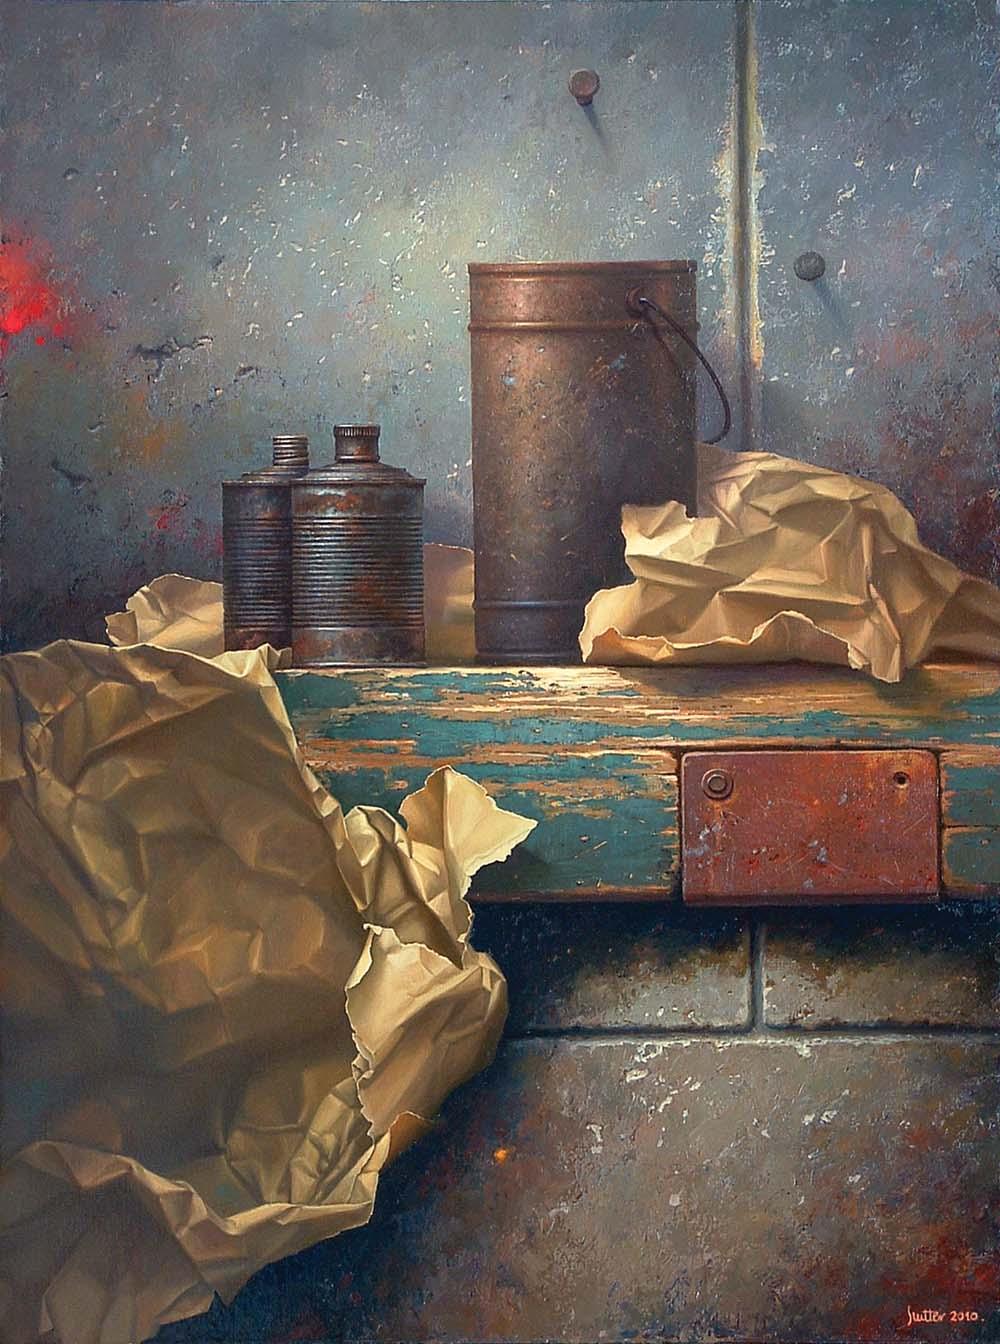 Edward Szutter obrazy artykuł malarstwo martwa natura, artysta i sztuka, malarstwo olejne, szutter